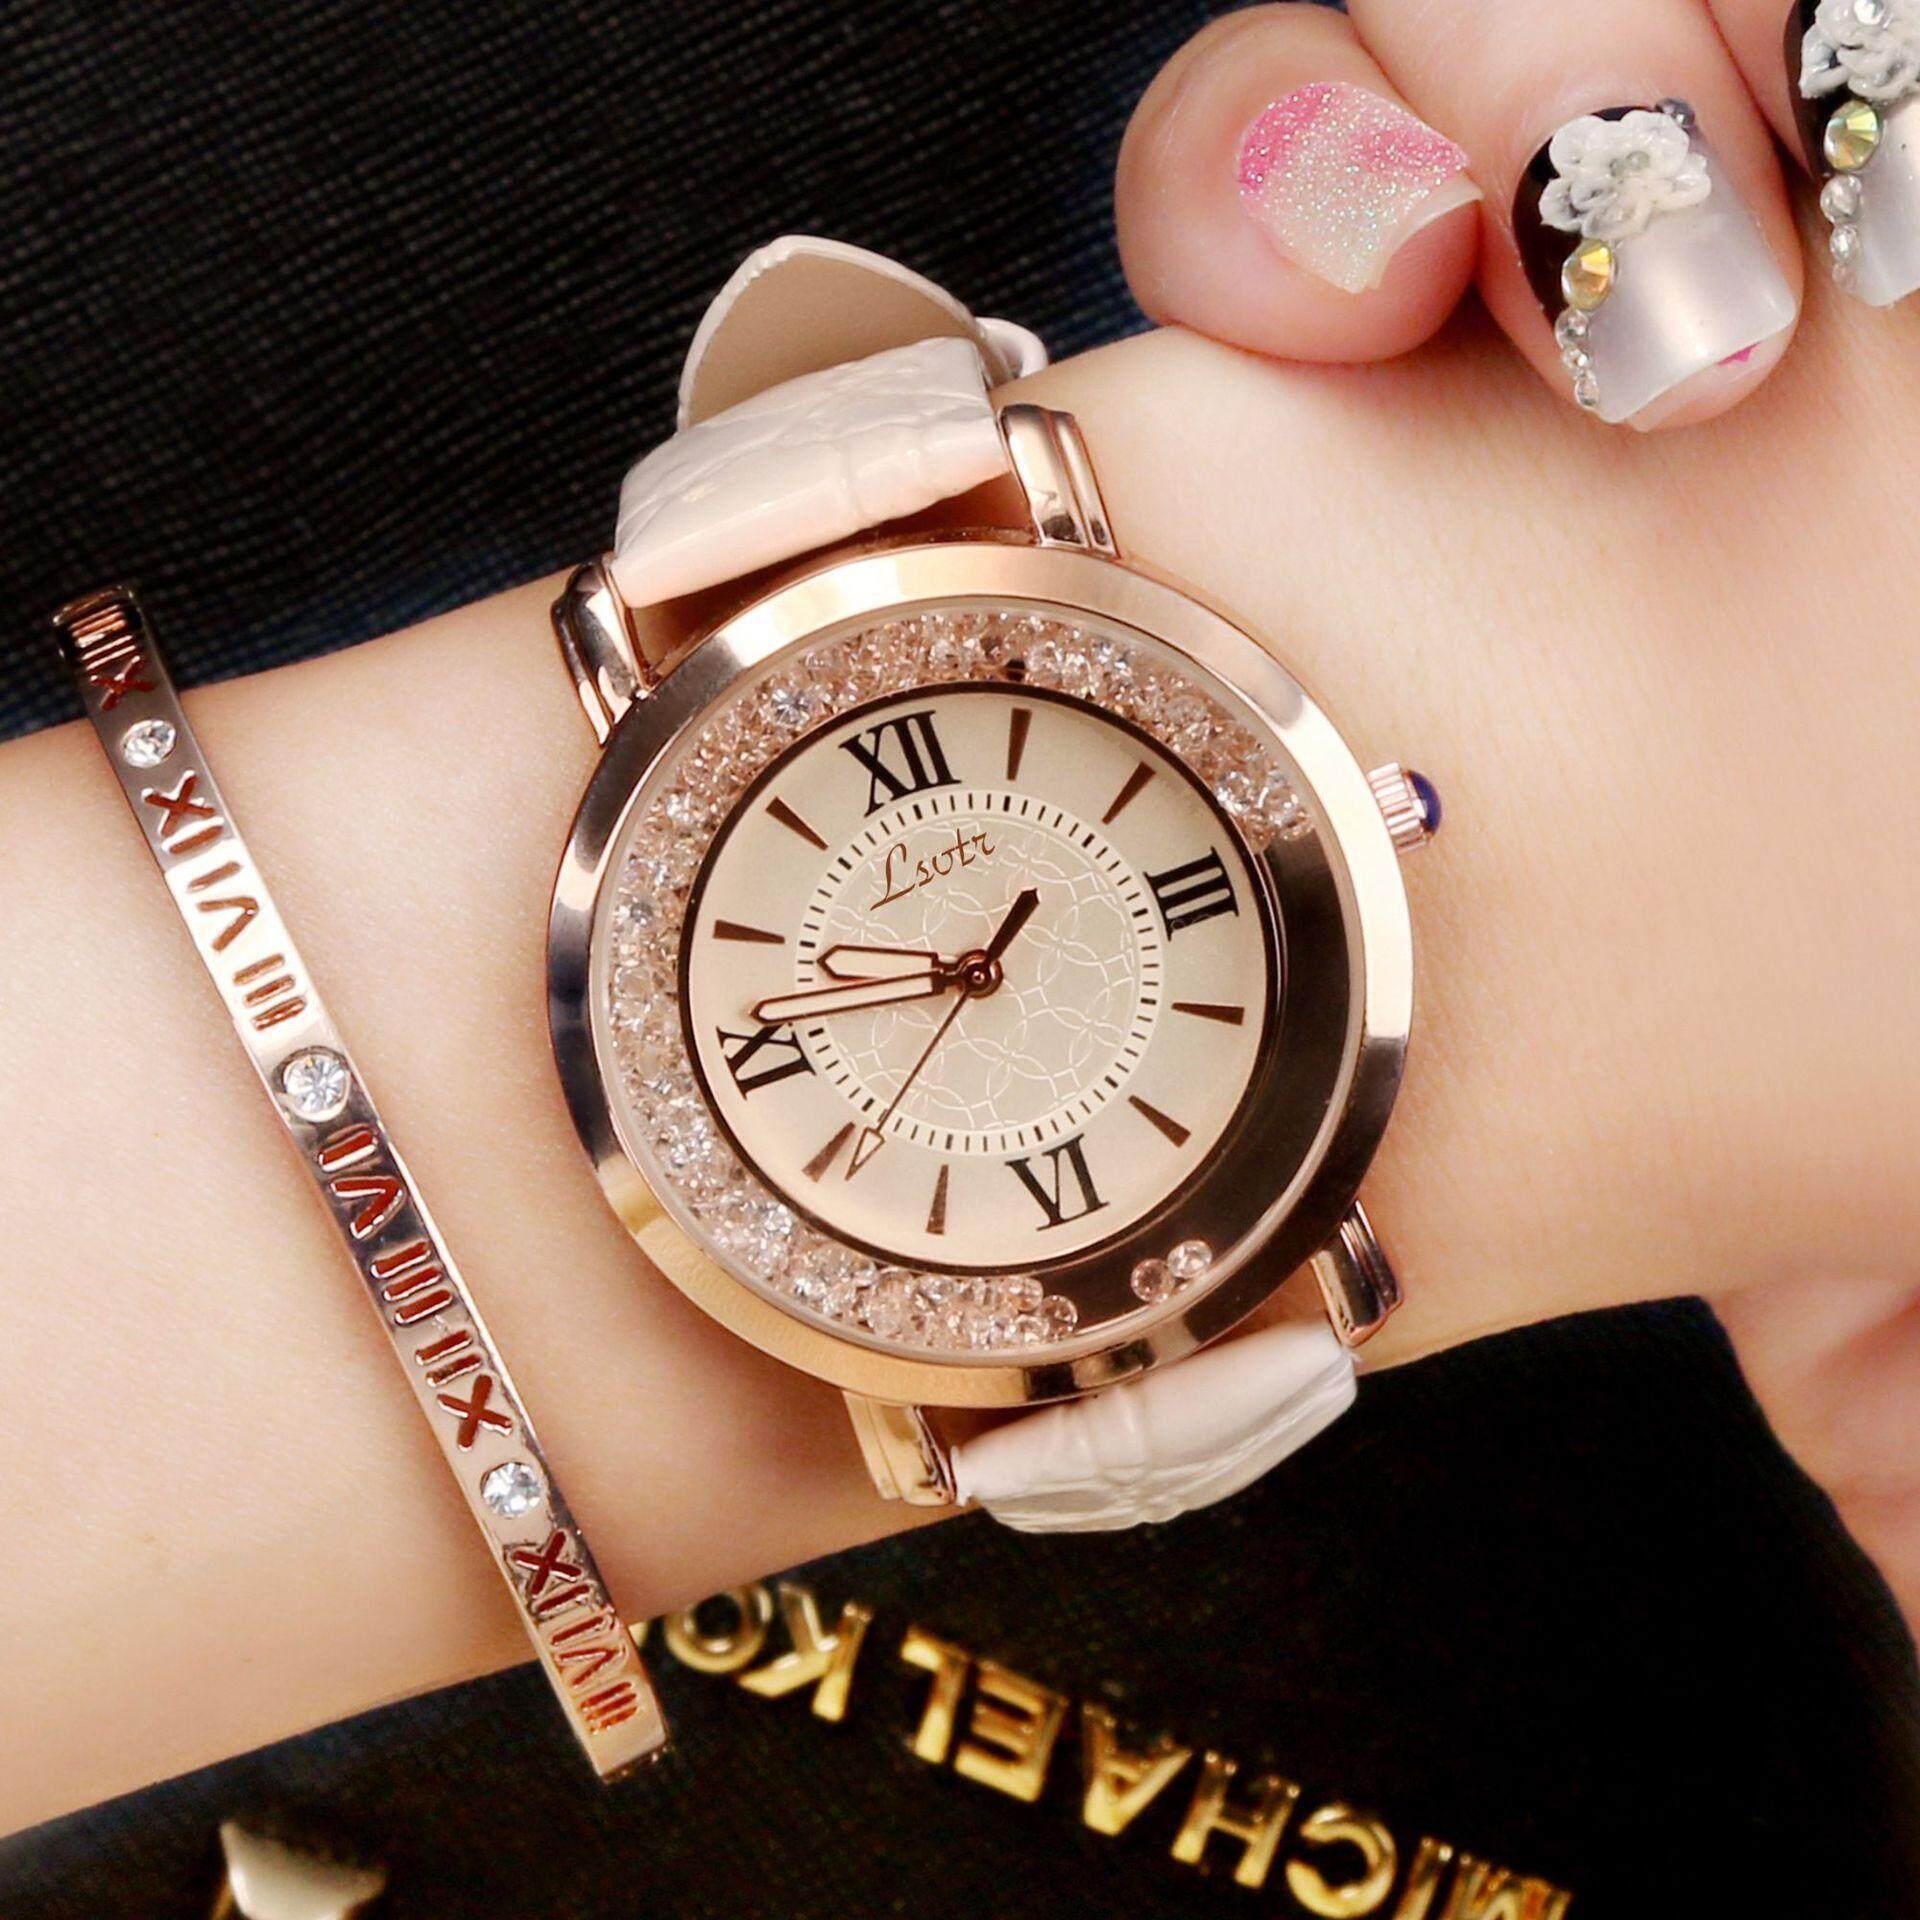 Jam tangan wanita, Berlian imitasi kuarsa Fashion mewah gaya Korea